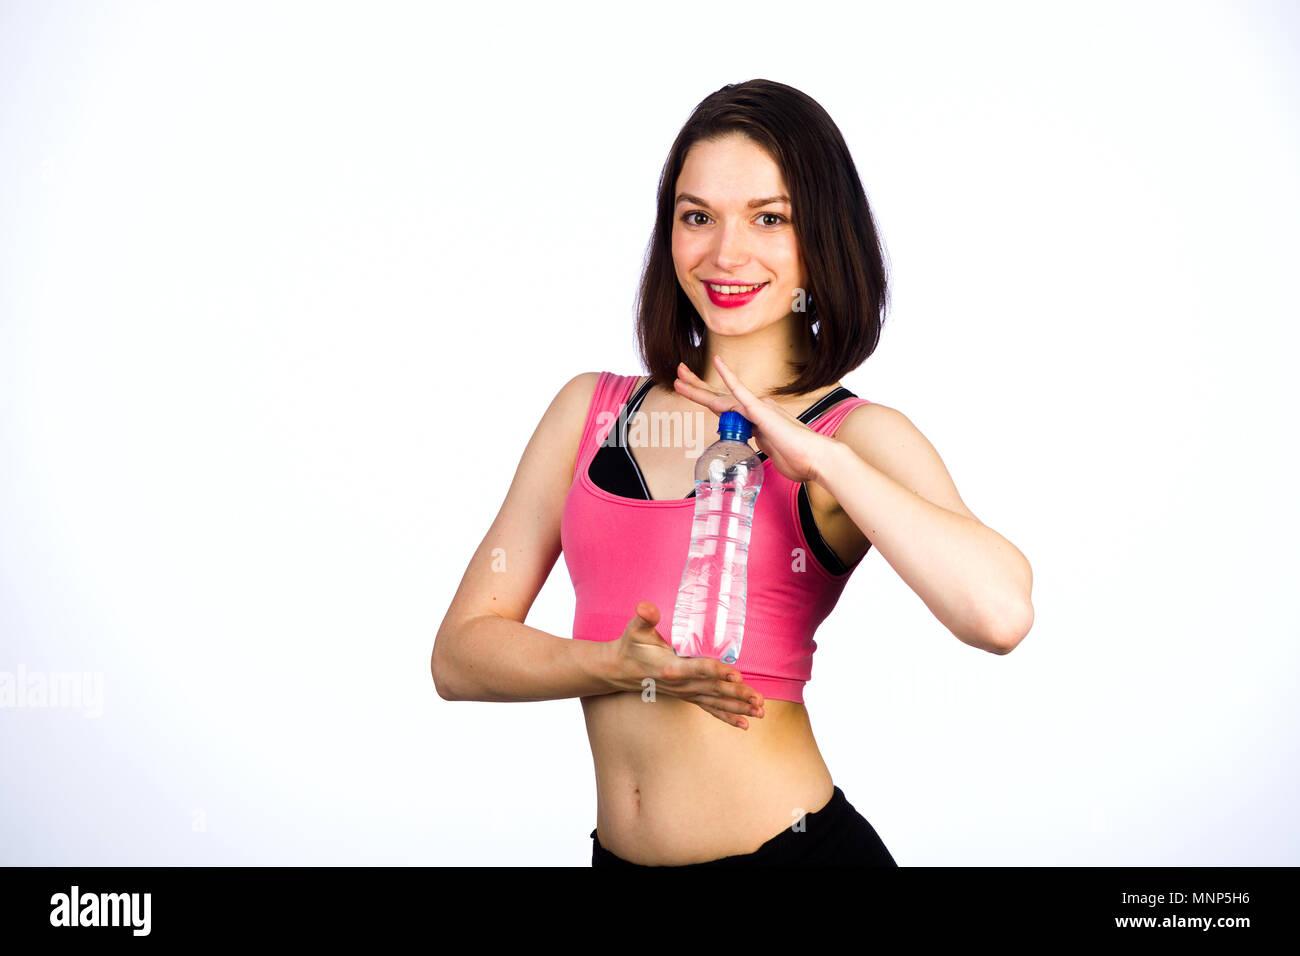 Ragazza giovane con una bottiglia di acqua potabile su uno sfondo